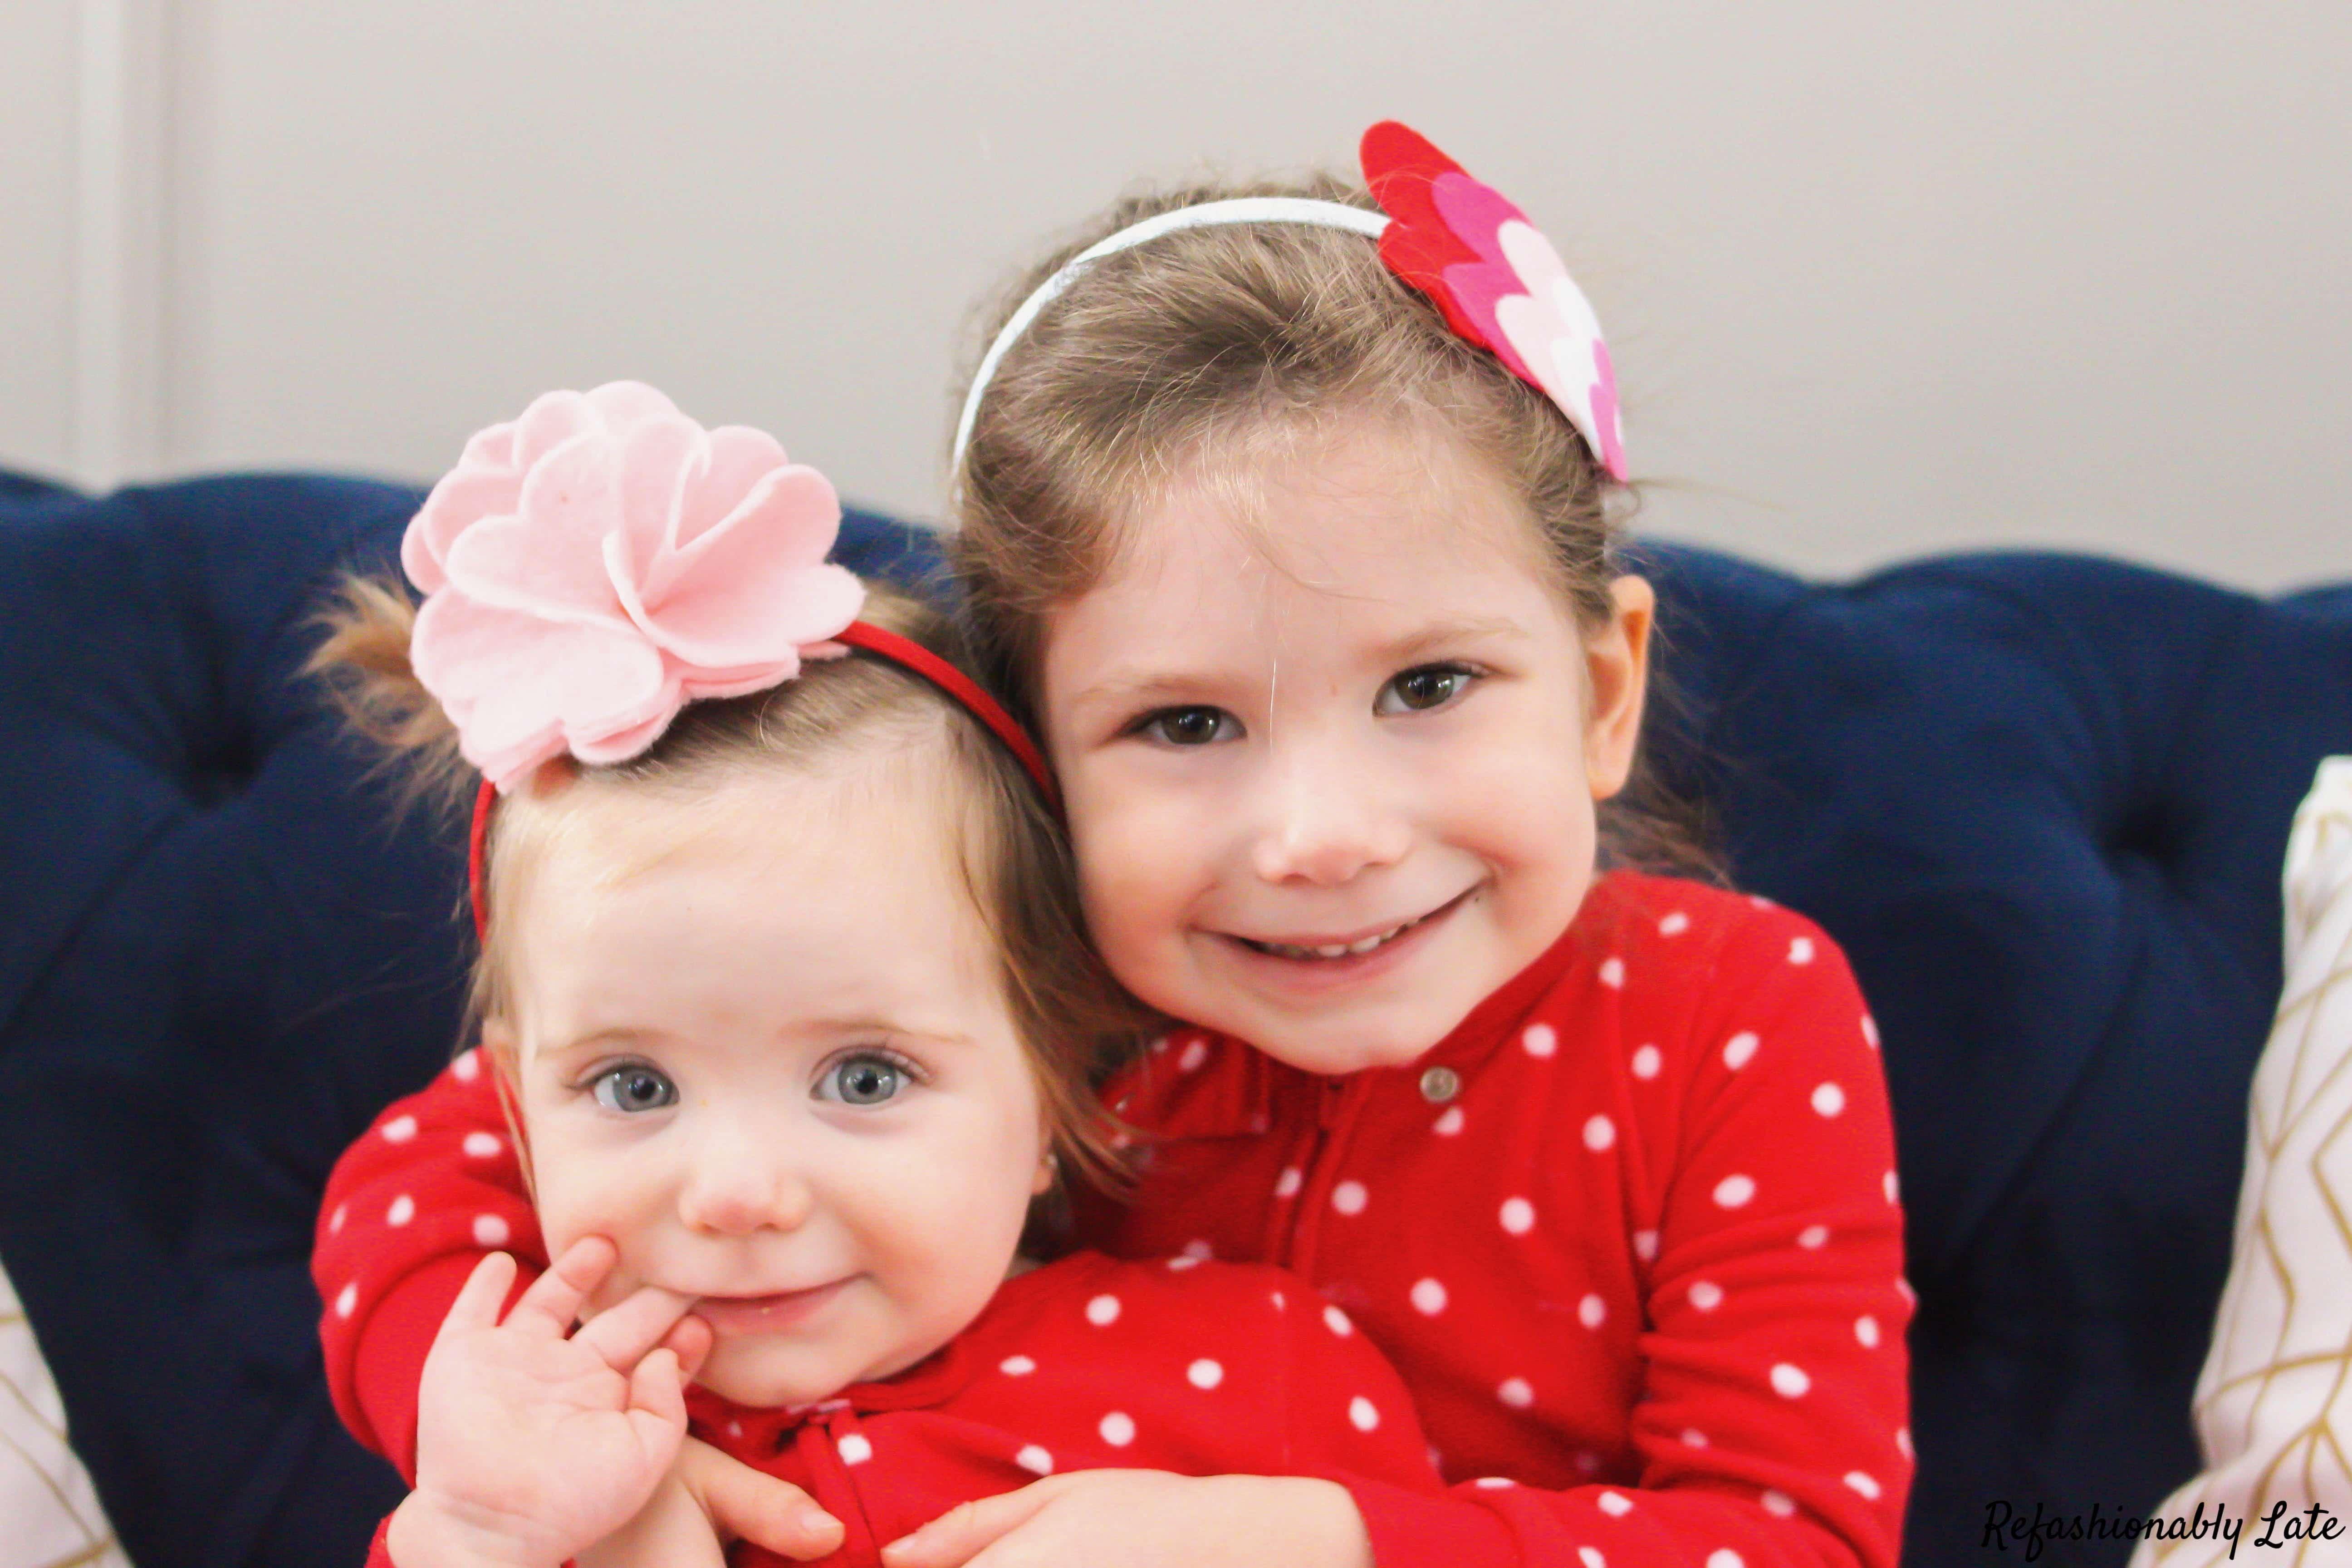 Valentine's Day Felt Headbands - www.refashionablylate.com